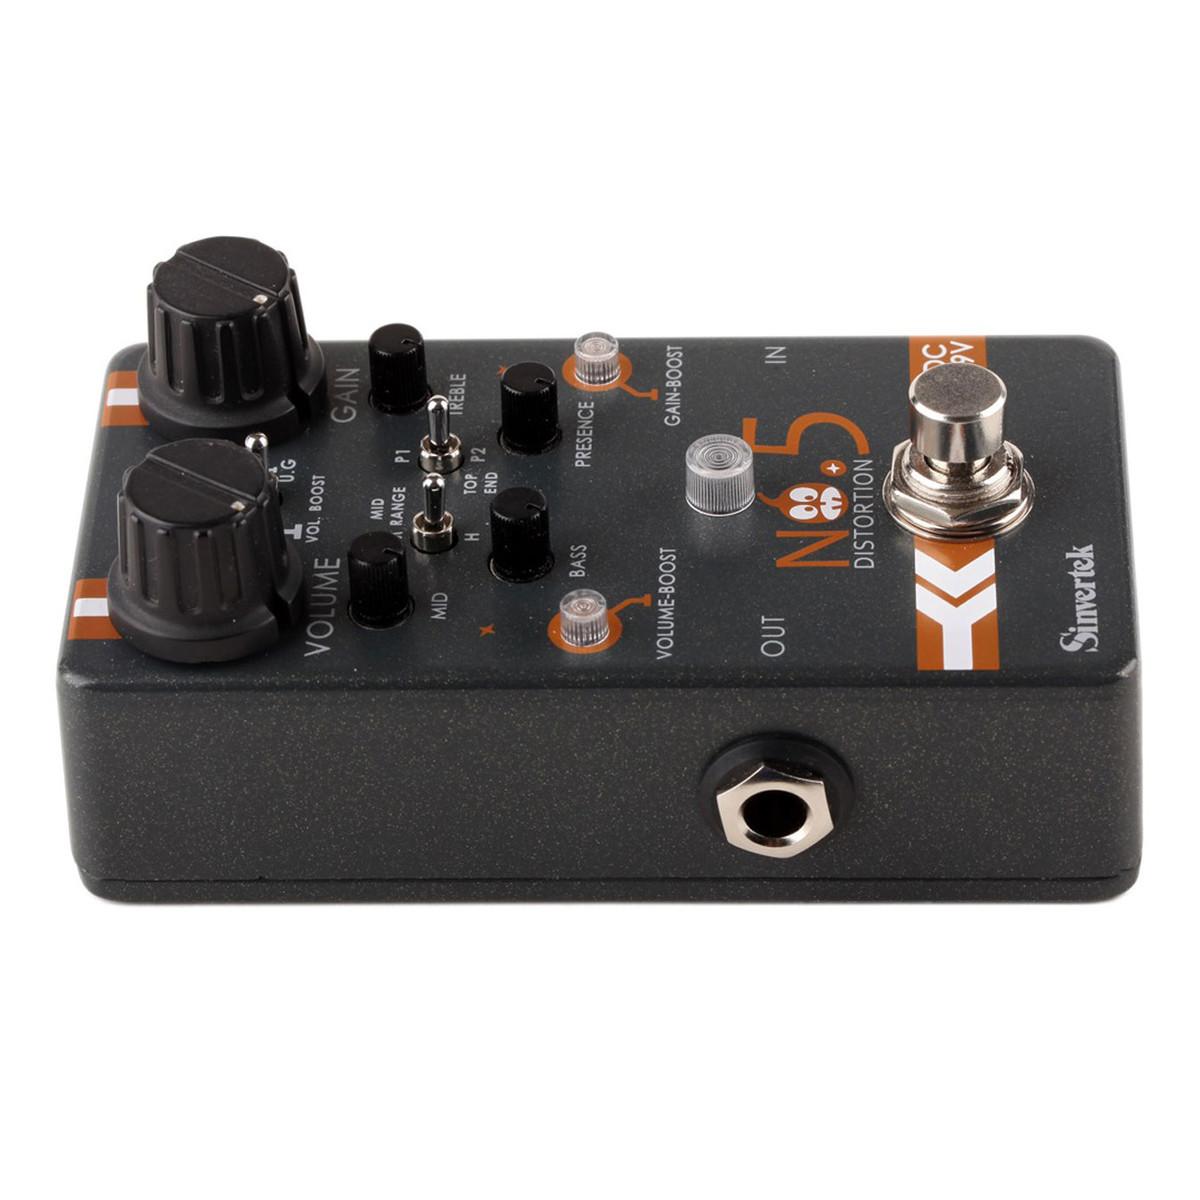 Sinvertek Distortion No.5 Guitar Pedal at Gear4music.com